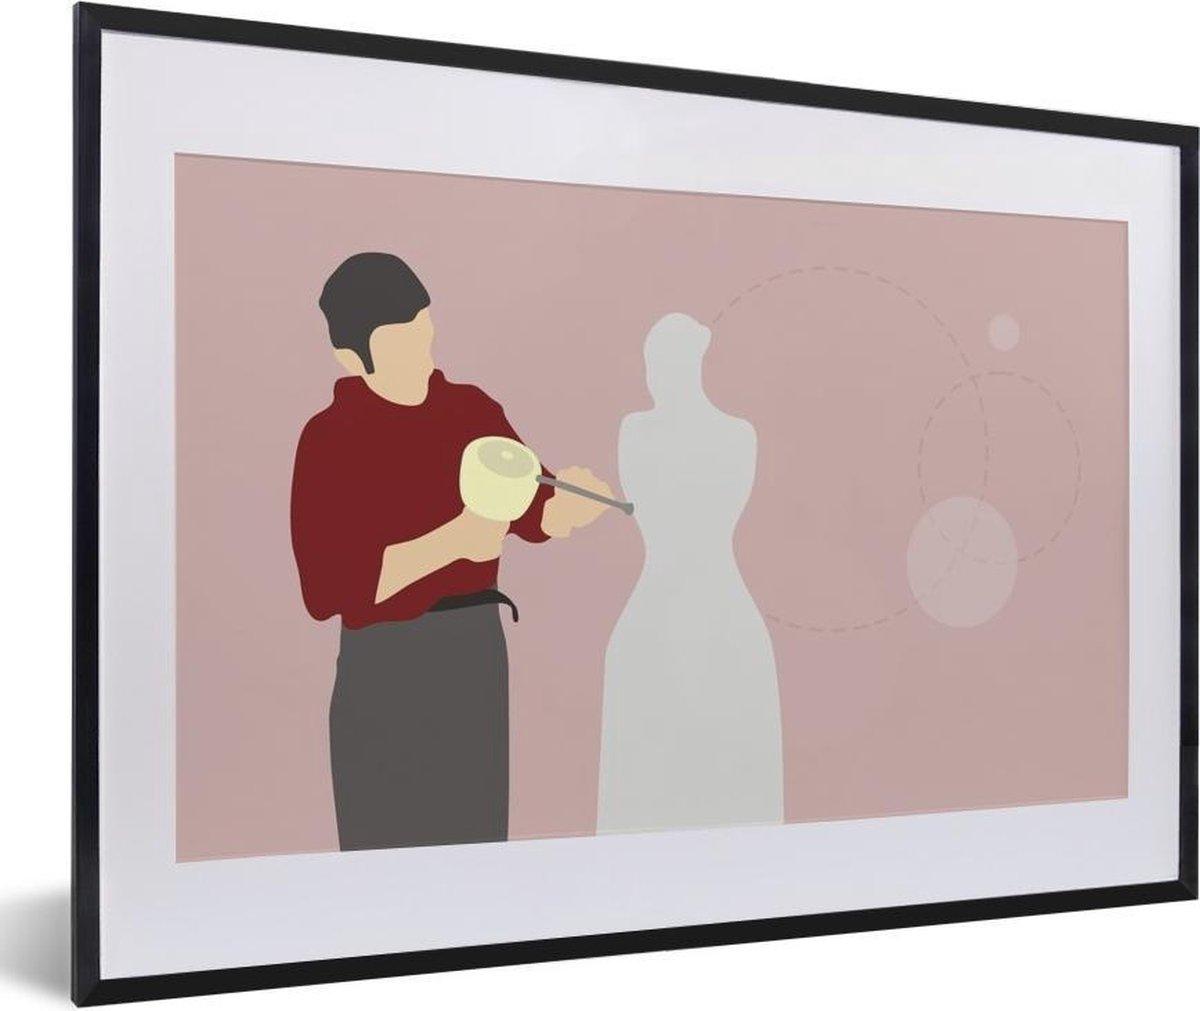 Poster met lijst Beeldhouwen illustratie - een beeldhouwer die een standbeeld uit een blok steen beitelt fotolijst zwart met witte passe-partout middel - fotolijst zwart - 60x40 cm - Poster met lijst